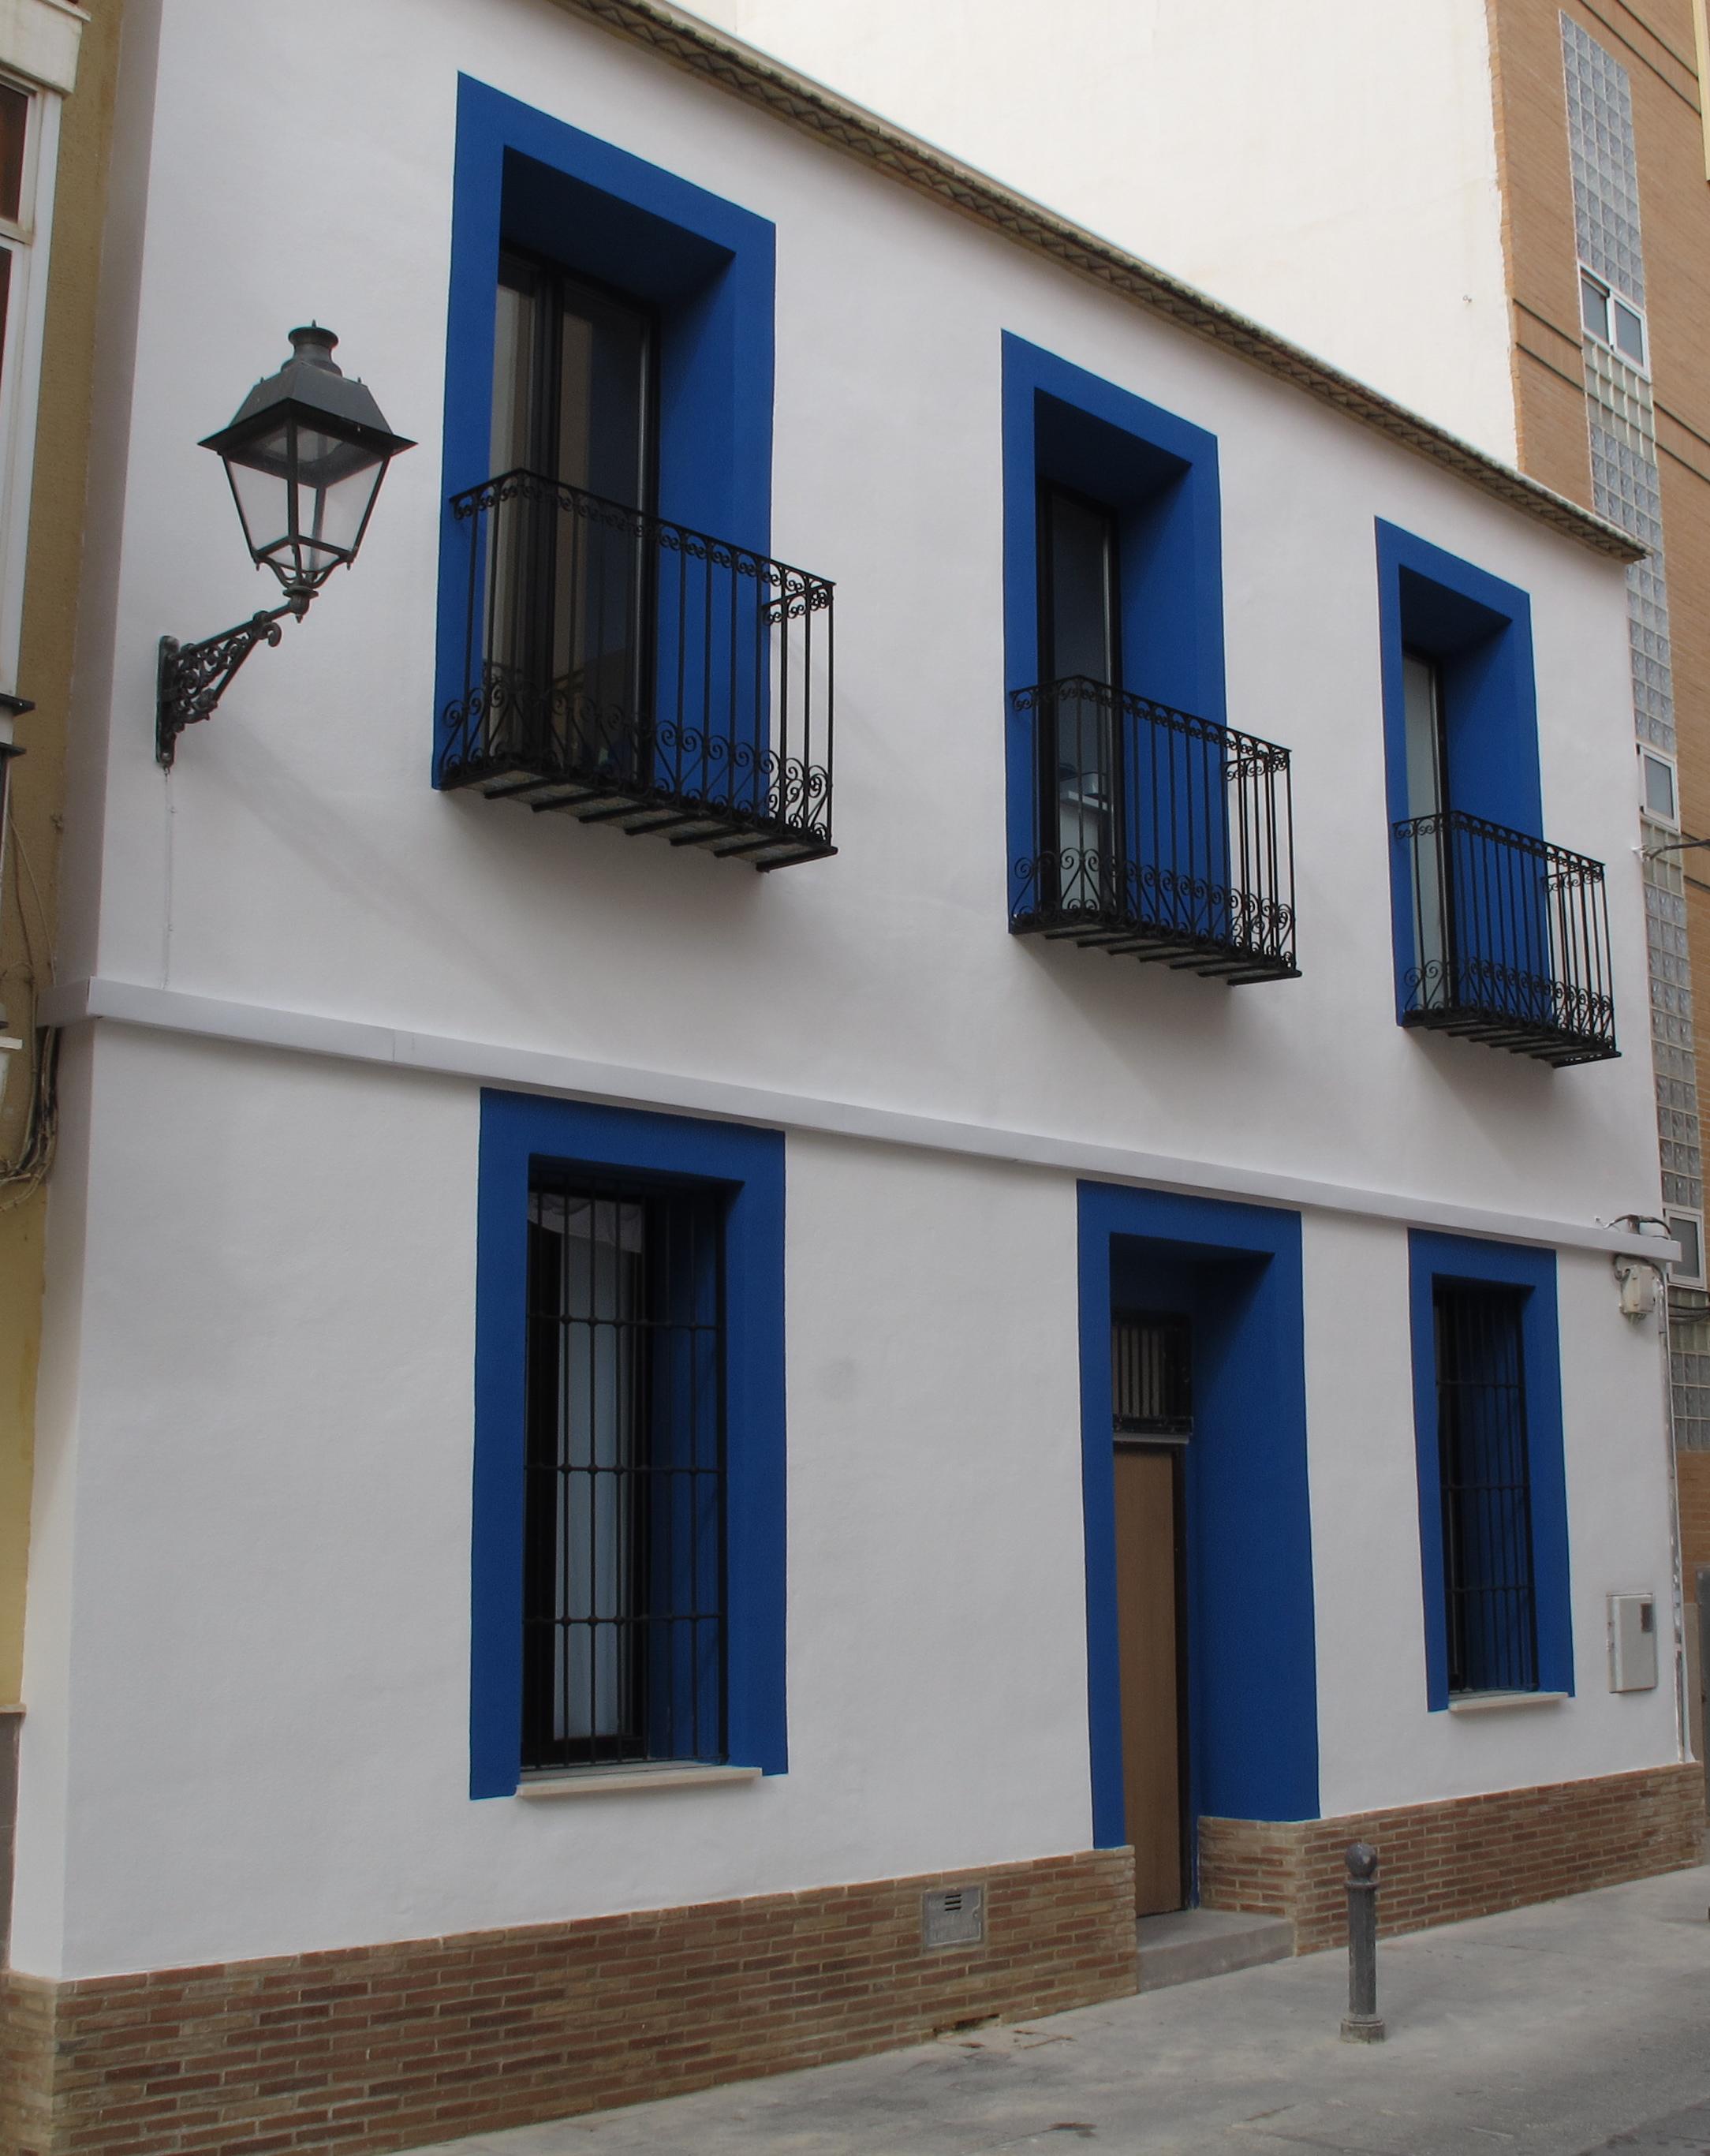 Rehabilitaci n de fachada en el barrio hist rico del rabal for Zocalo fachada exterior